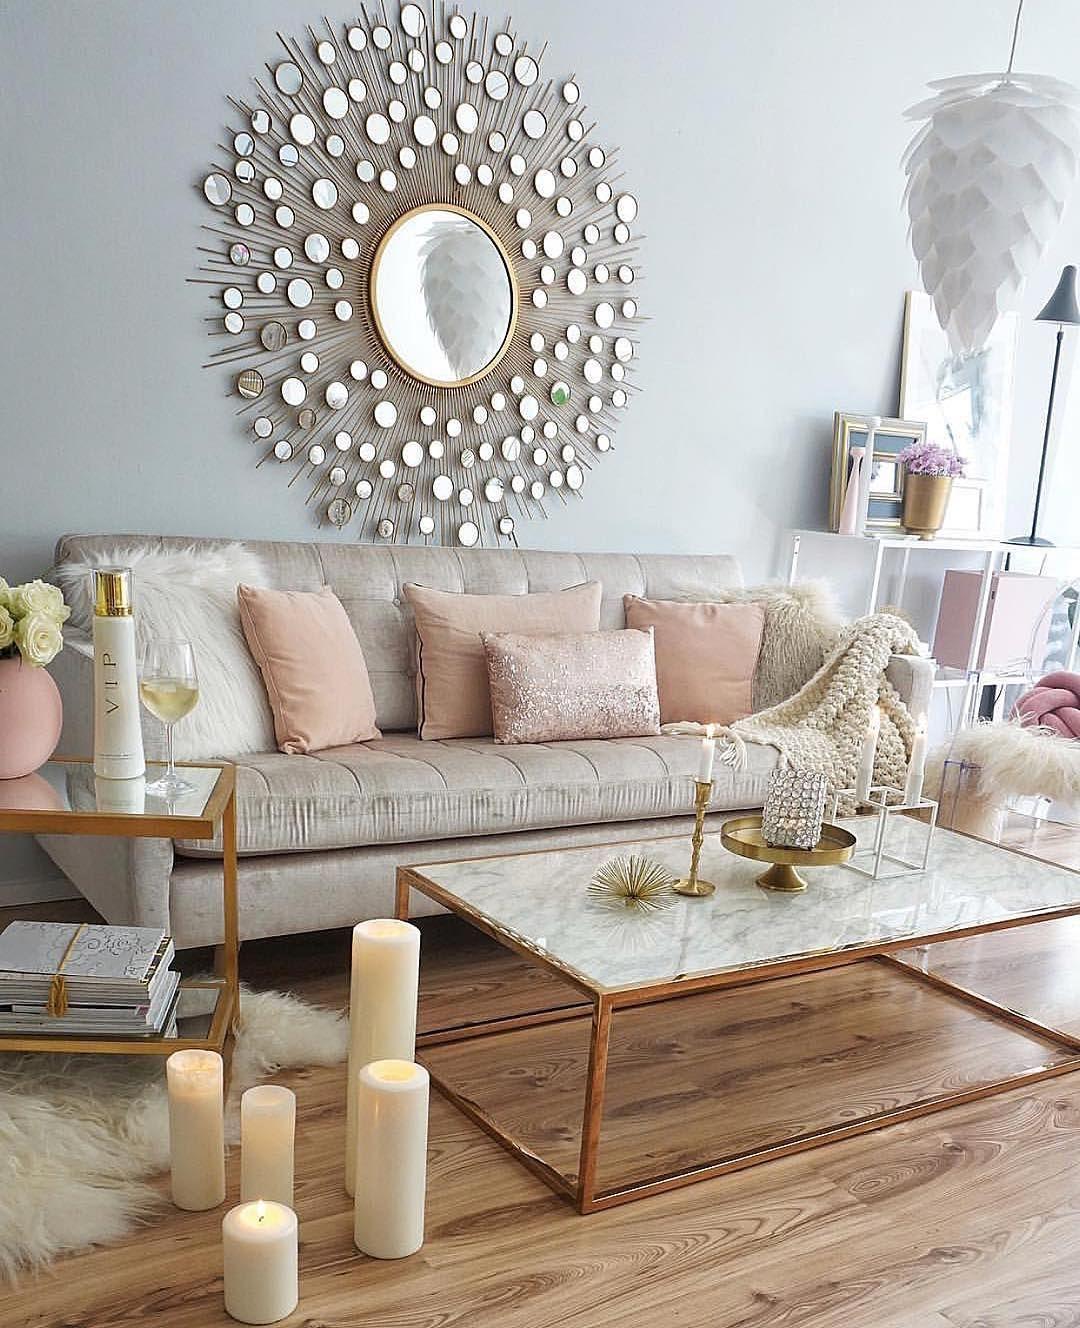 """Wanddeko wohnzimmer rosegold Easyinterieur on Instagram: """"Werbung"""